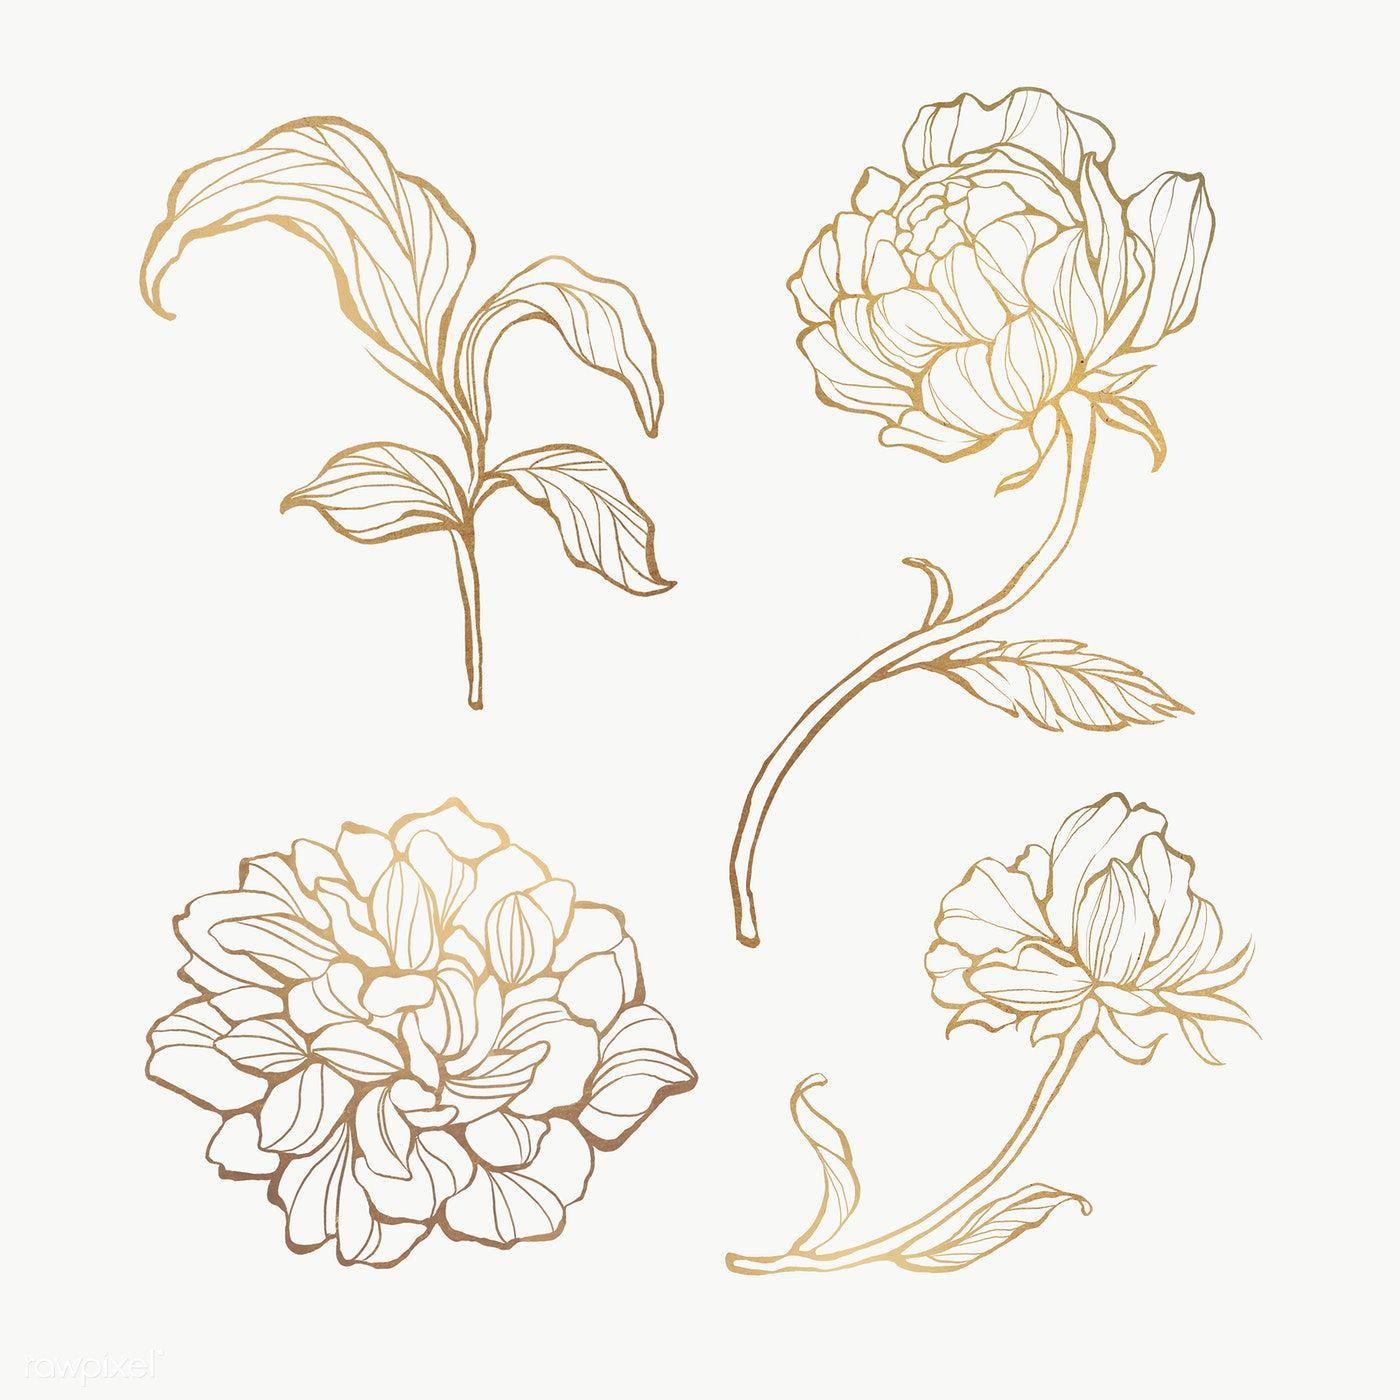 Gold Floral Outline Set Transparent Png Premium Image By Rawpixel Com Nunny Gold Drawing Floral Border Design Flower Outline